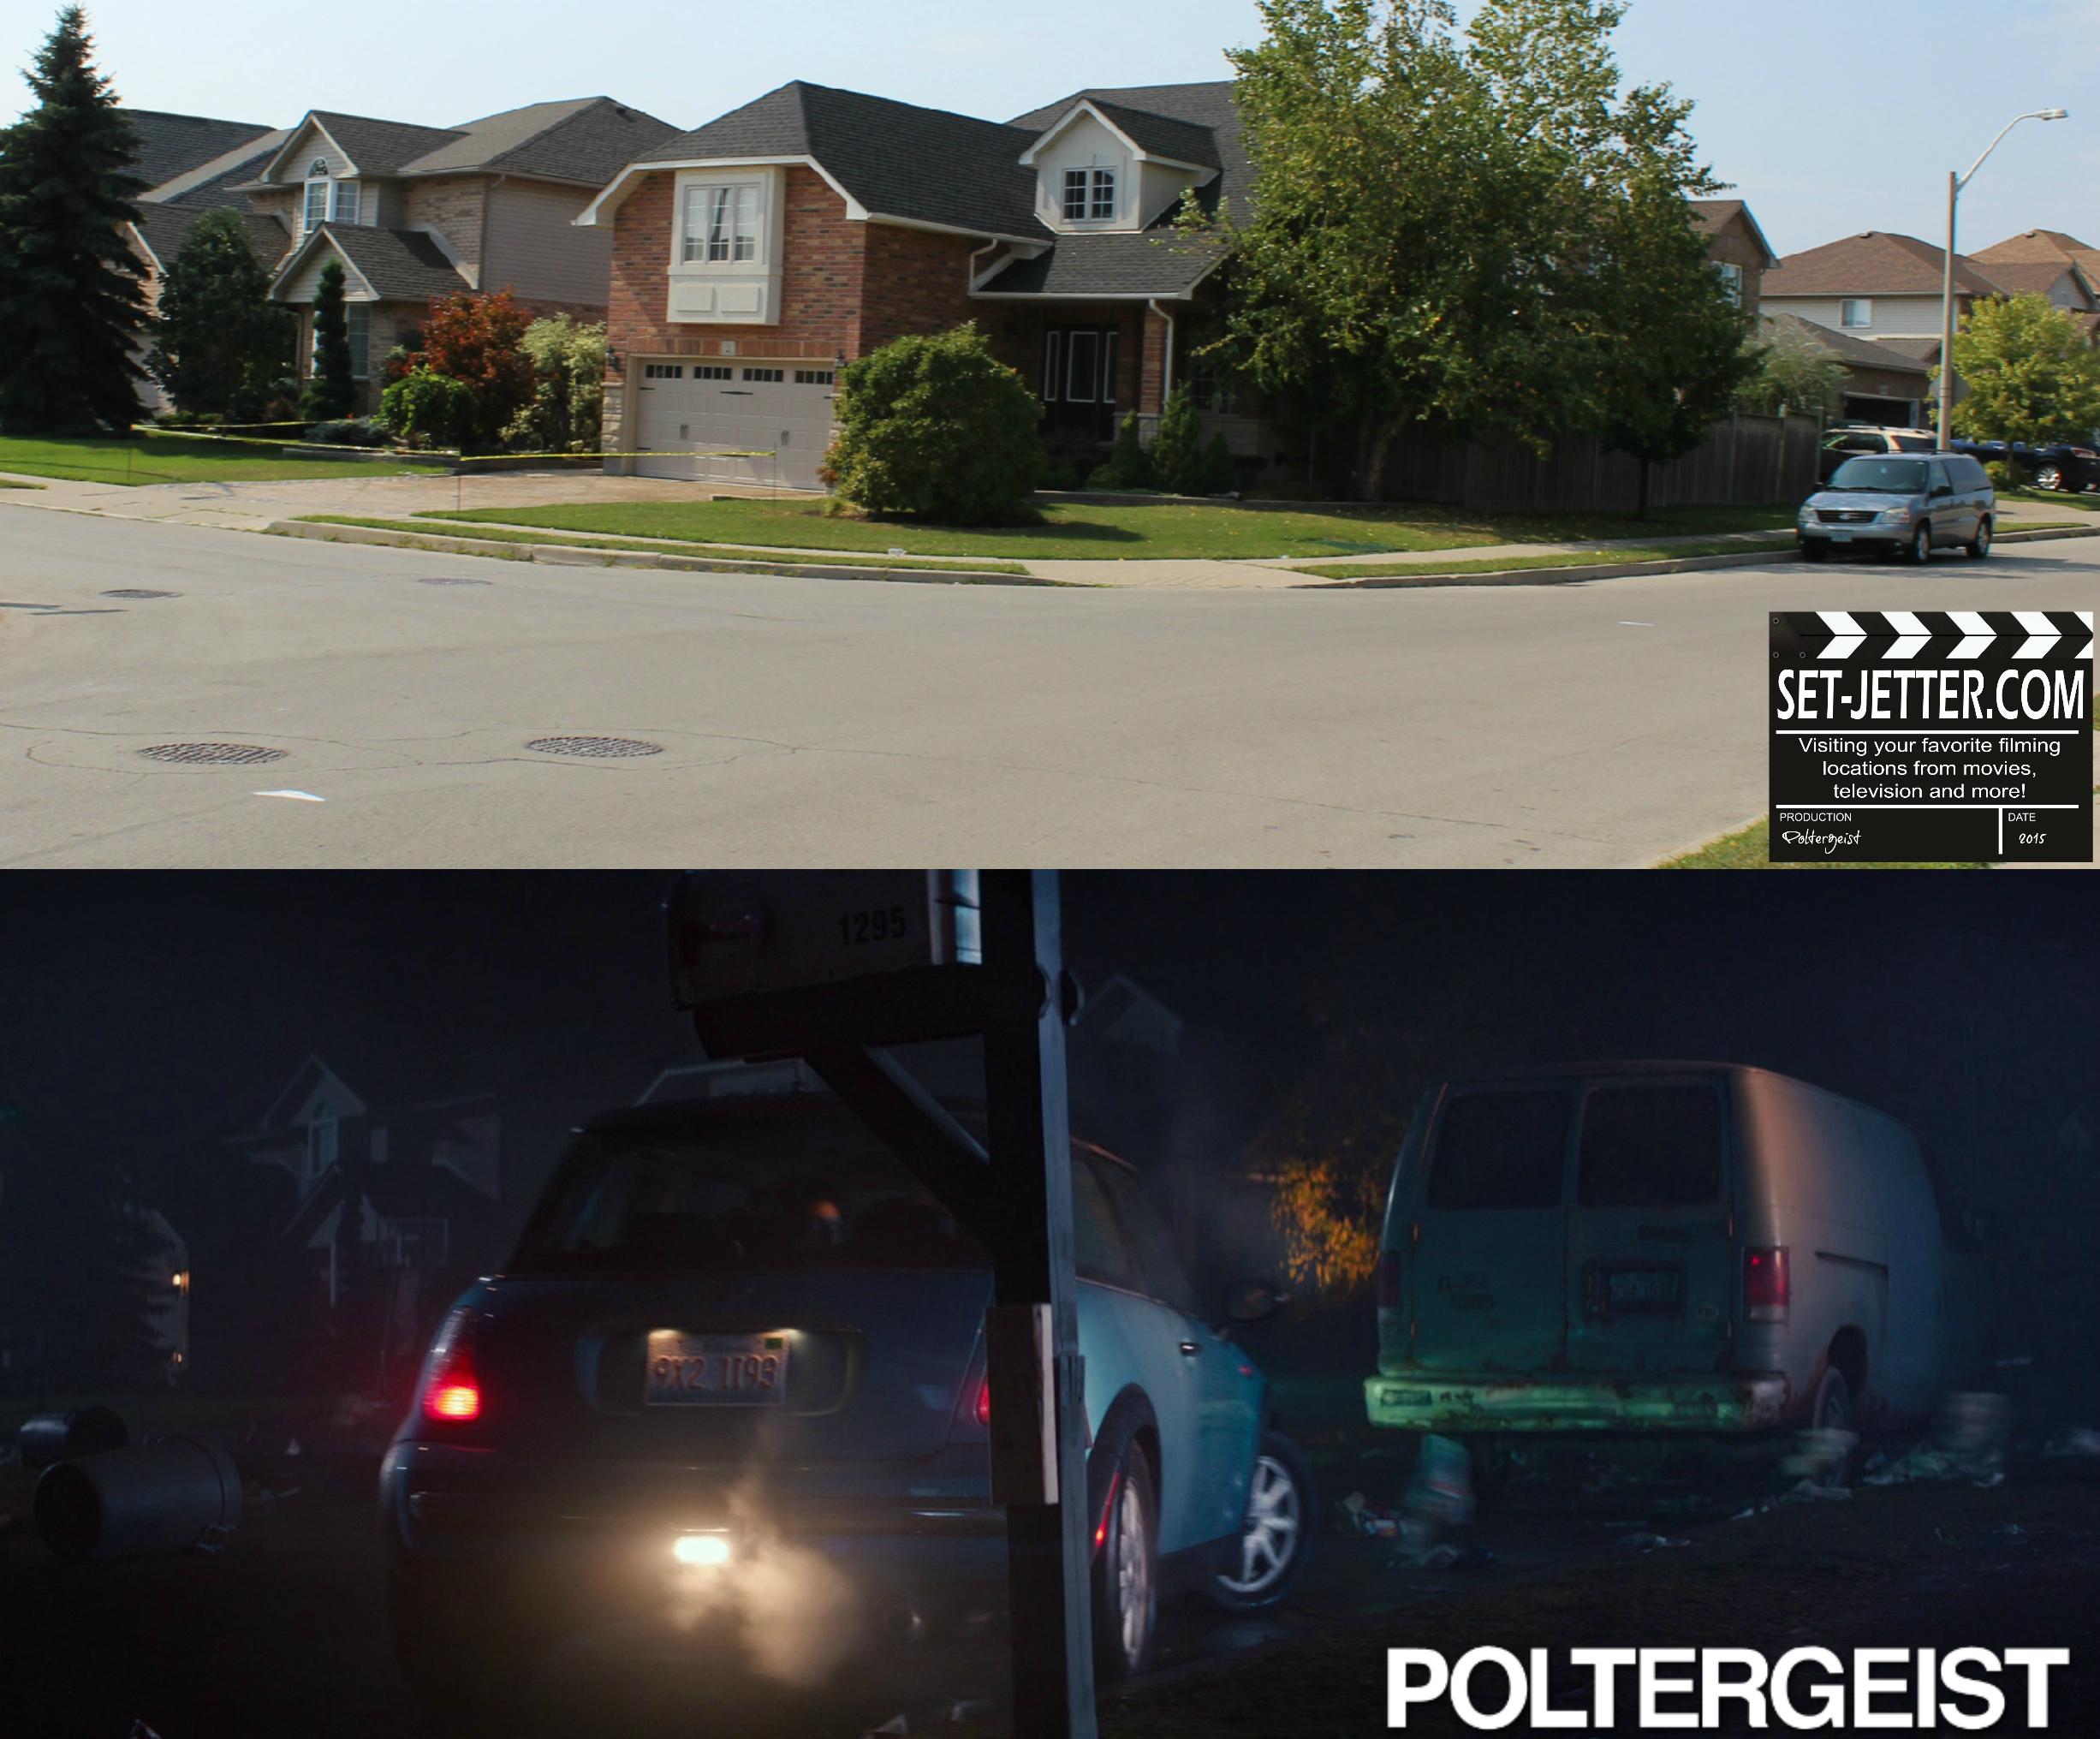 Poltergeist comparison 114.jpg